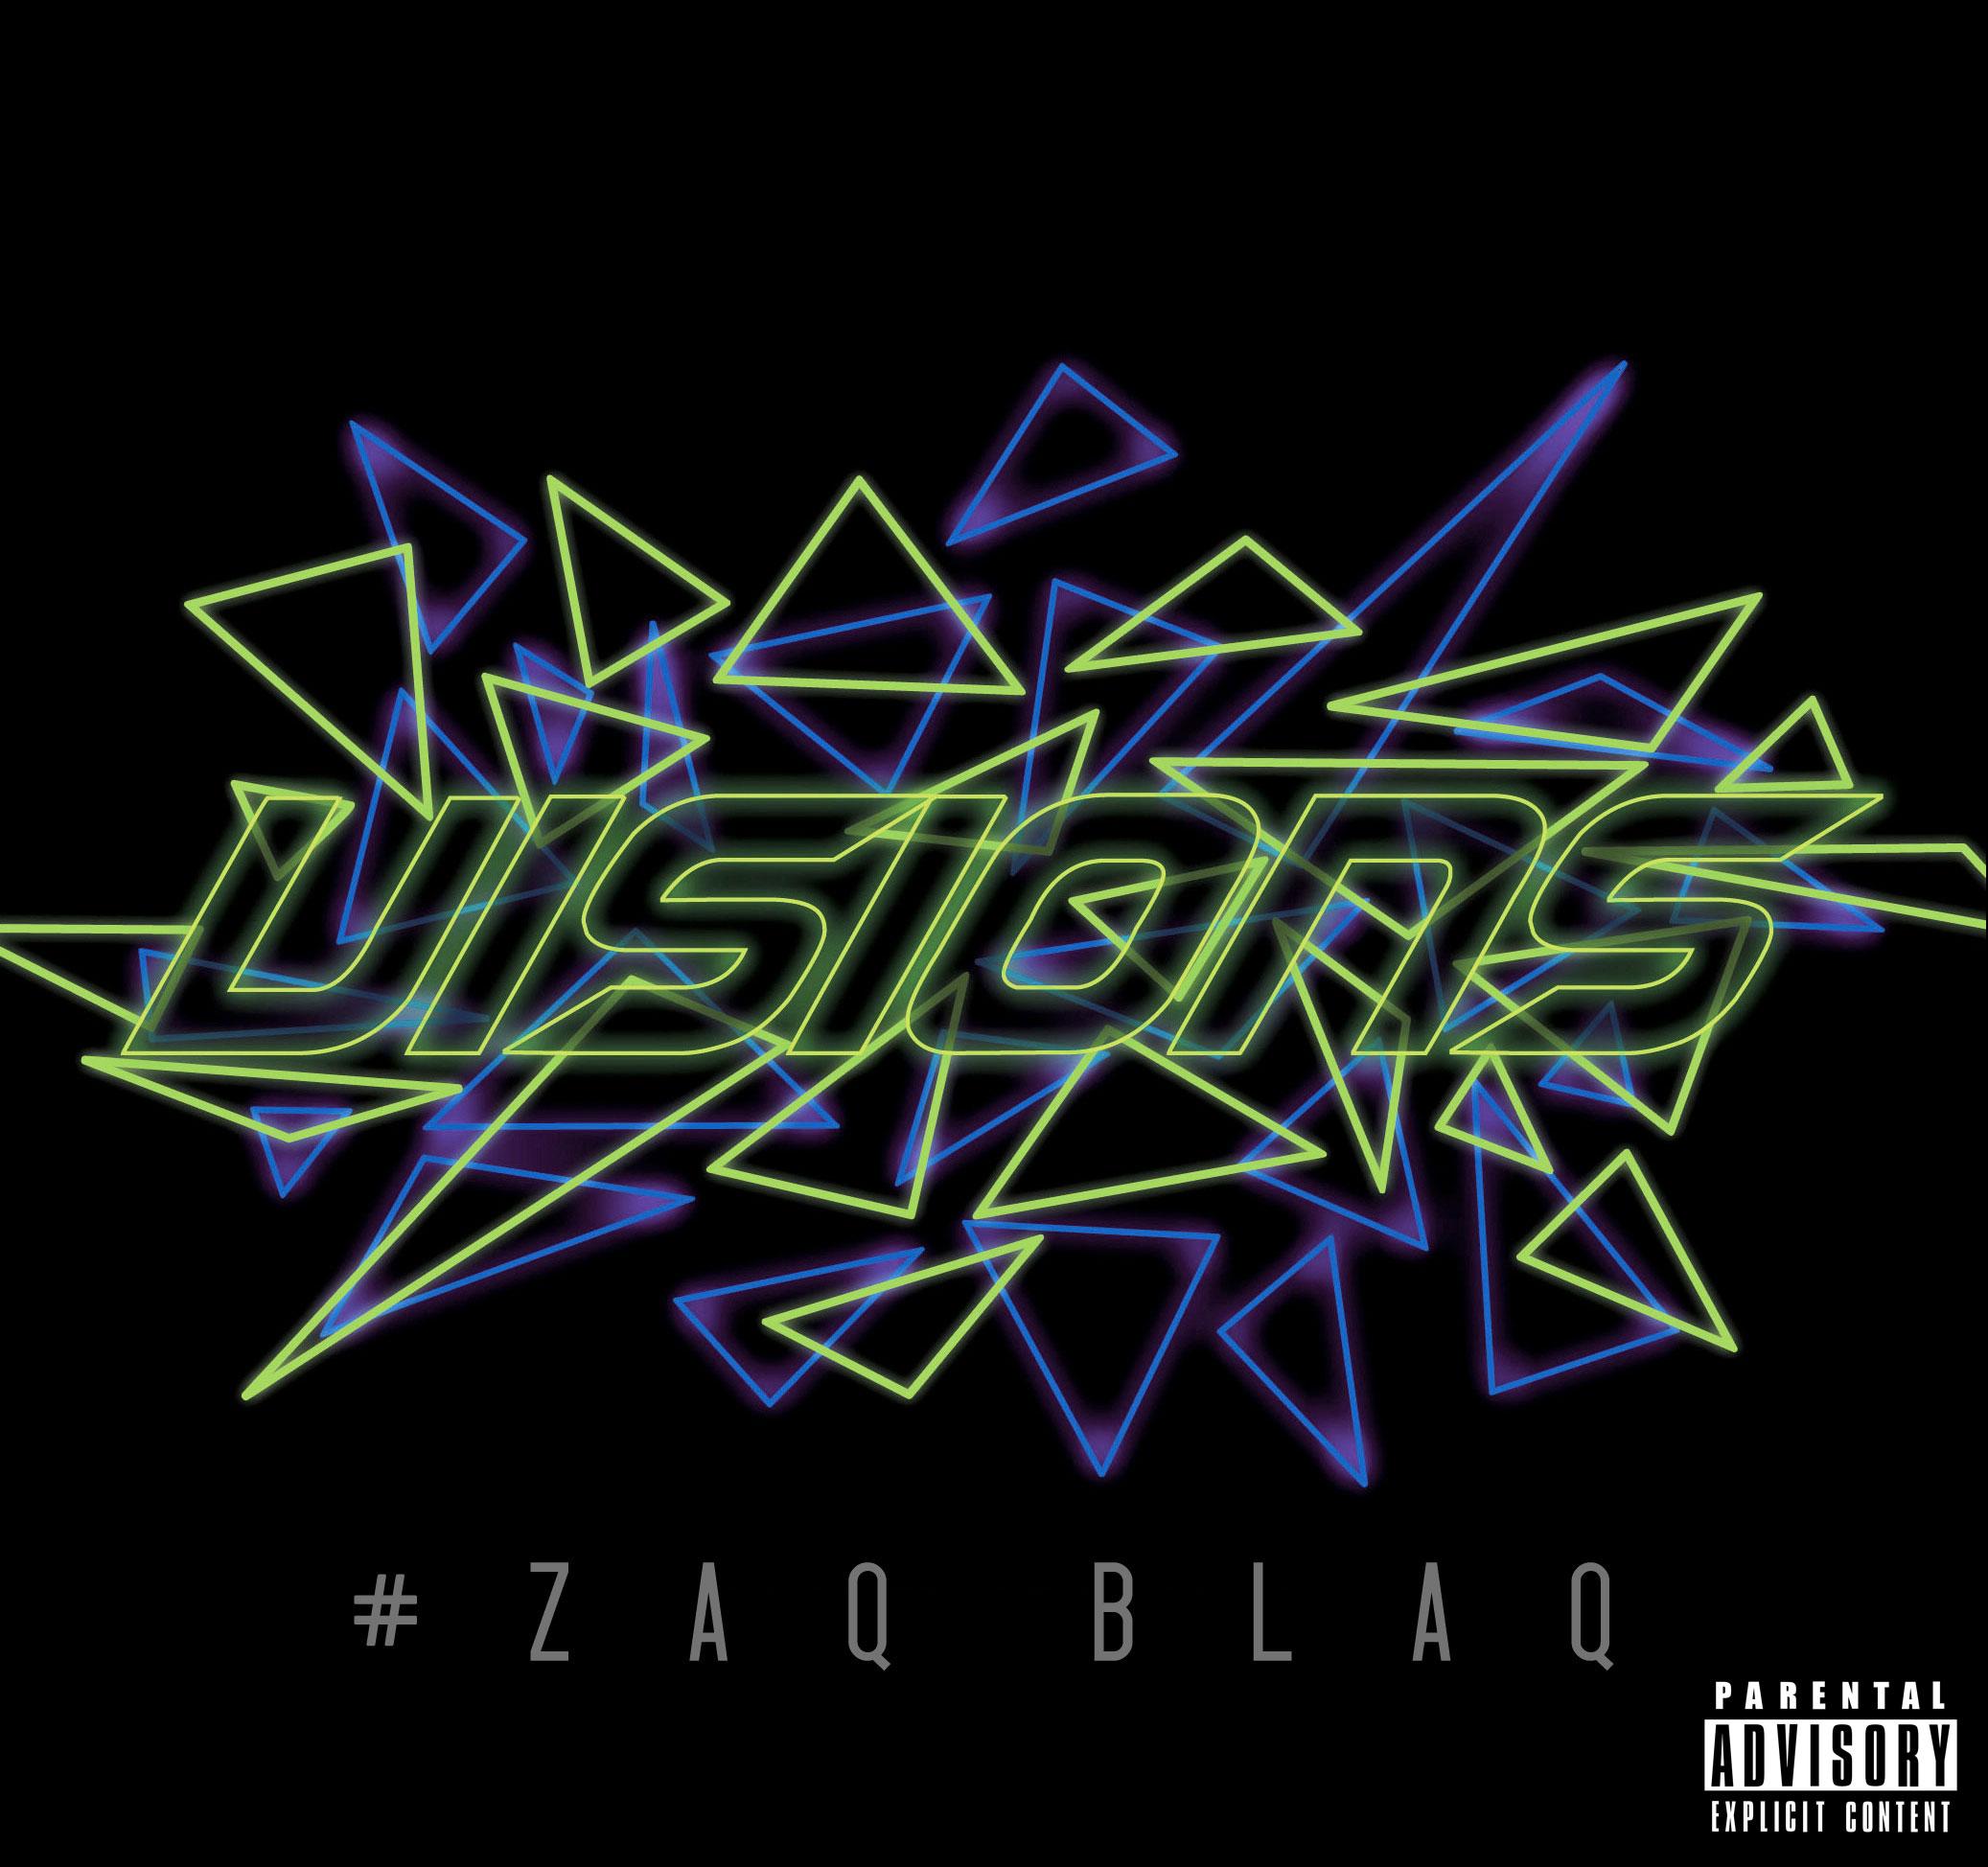 Zaq Blaq – Visions